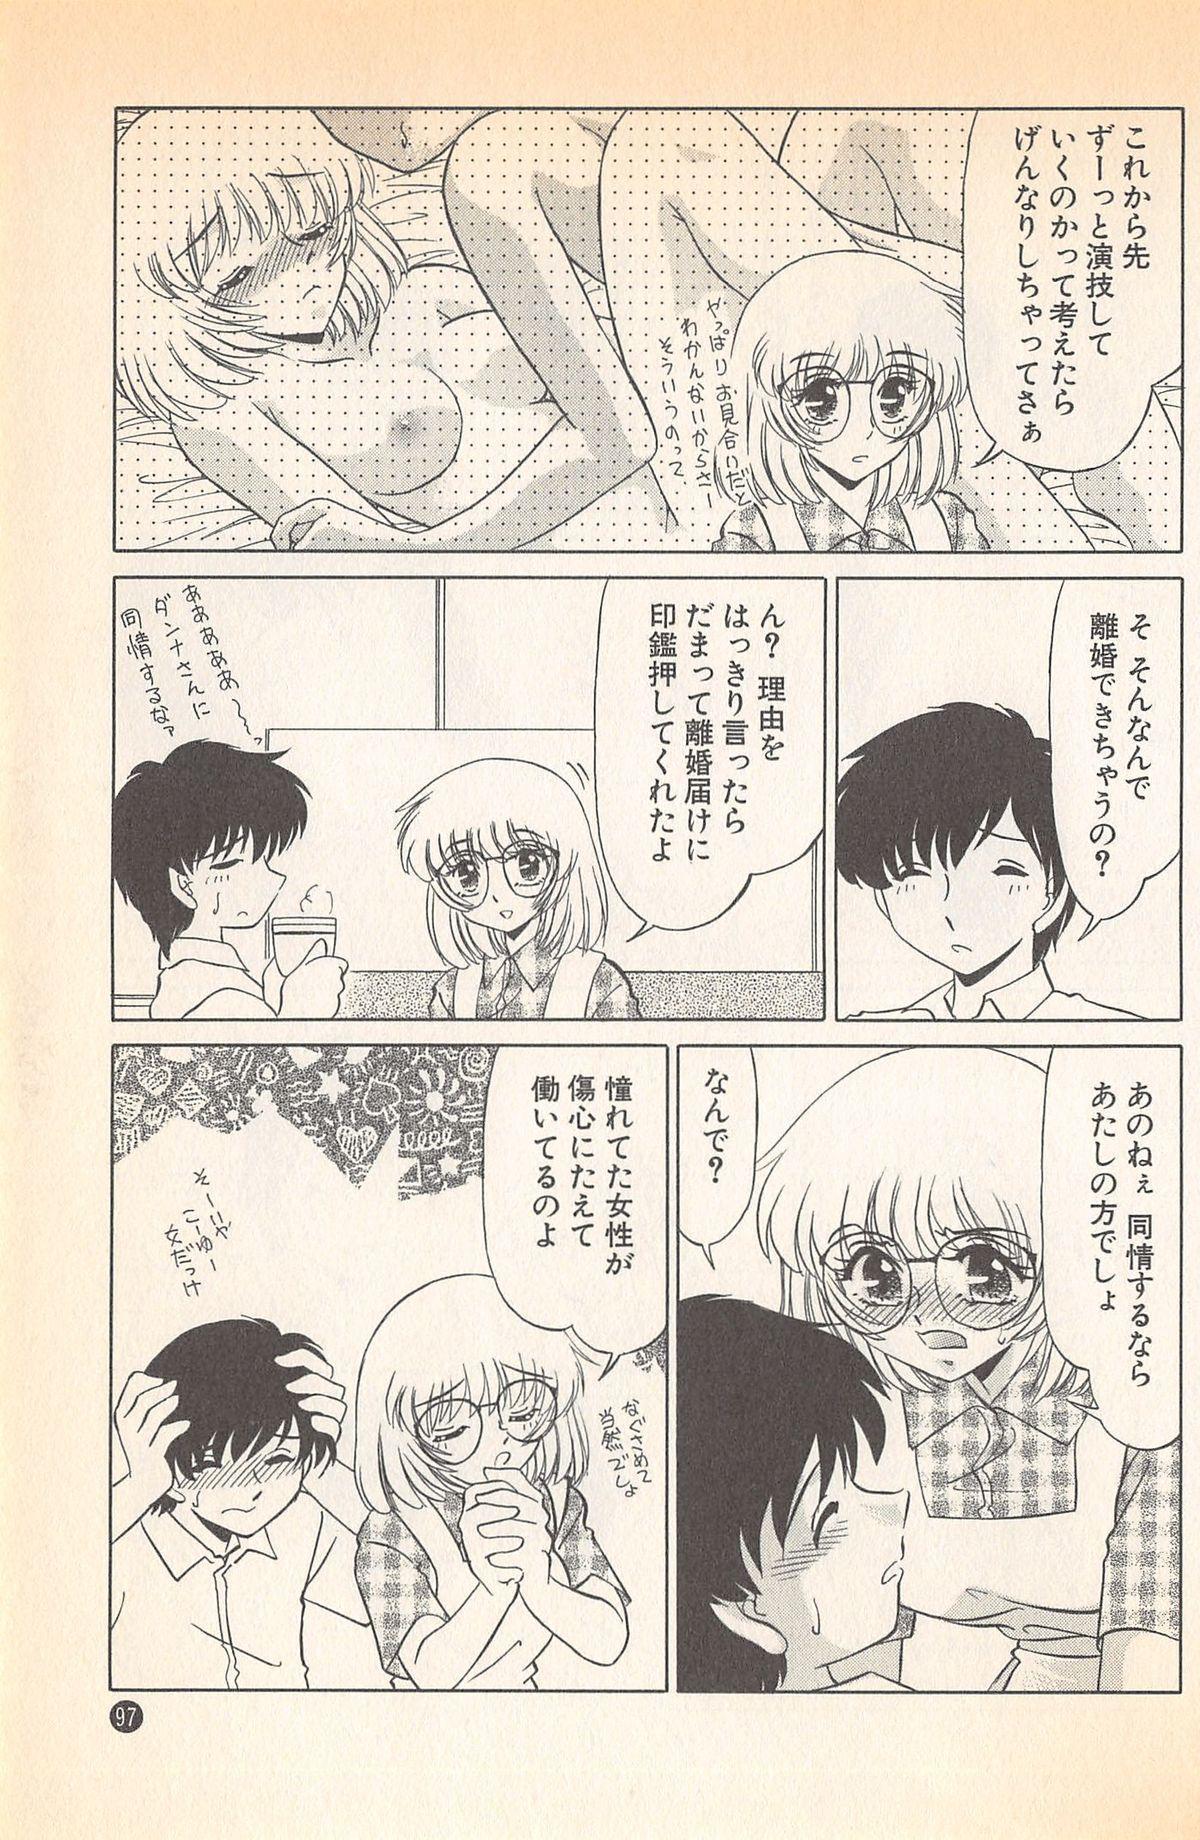 Doki Doki no Shikumi 98